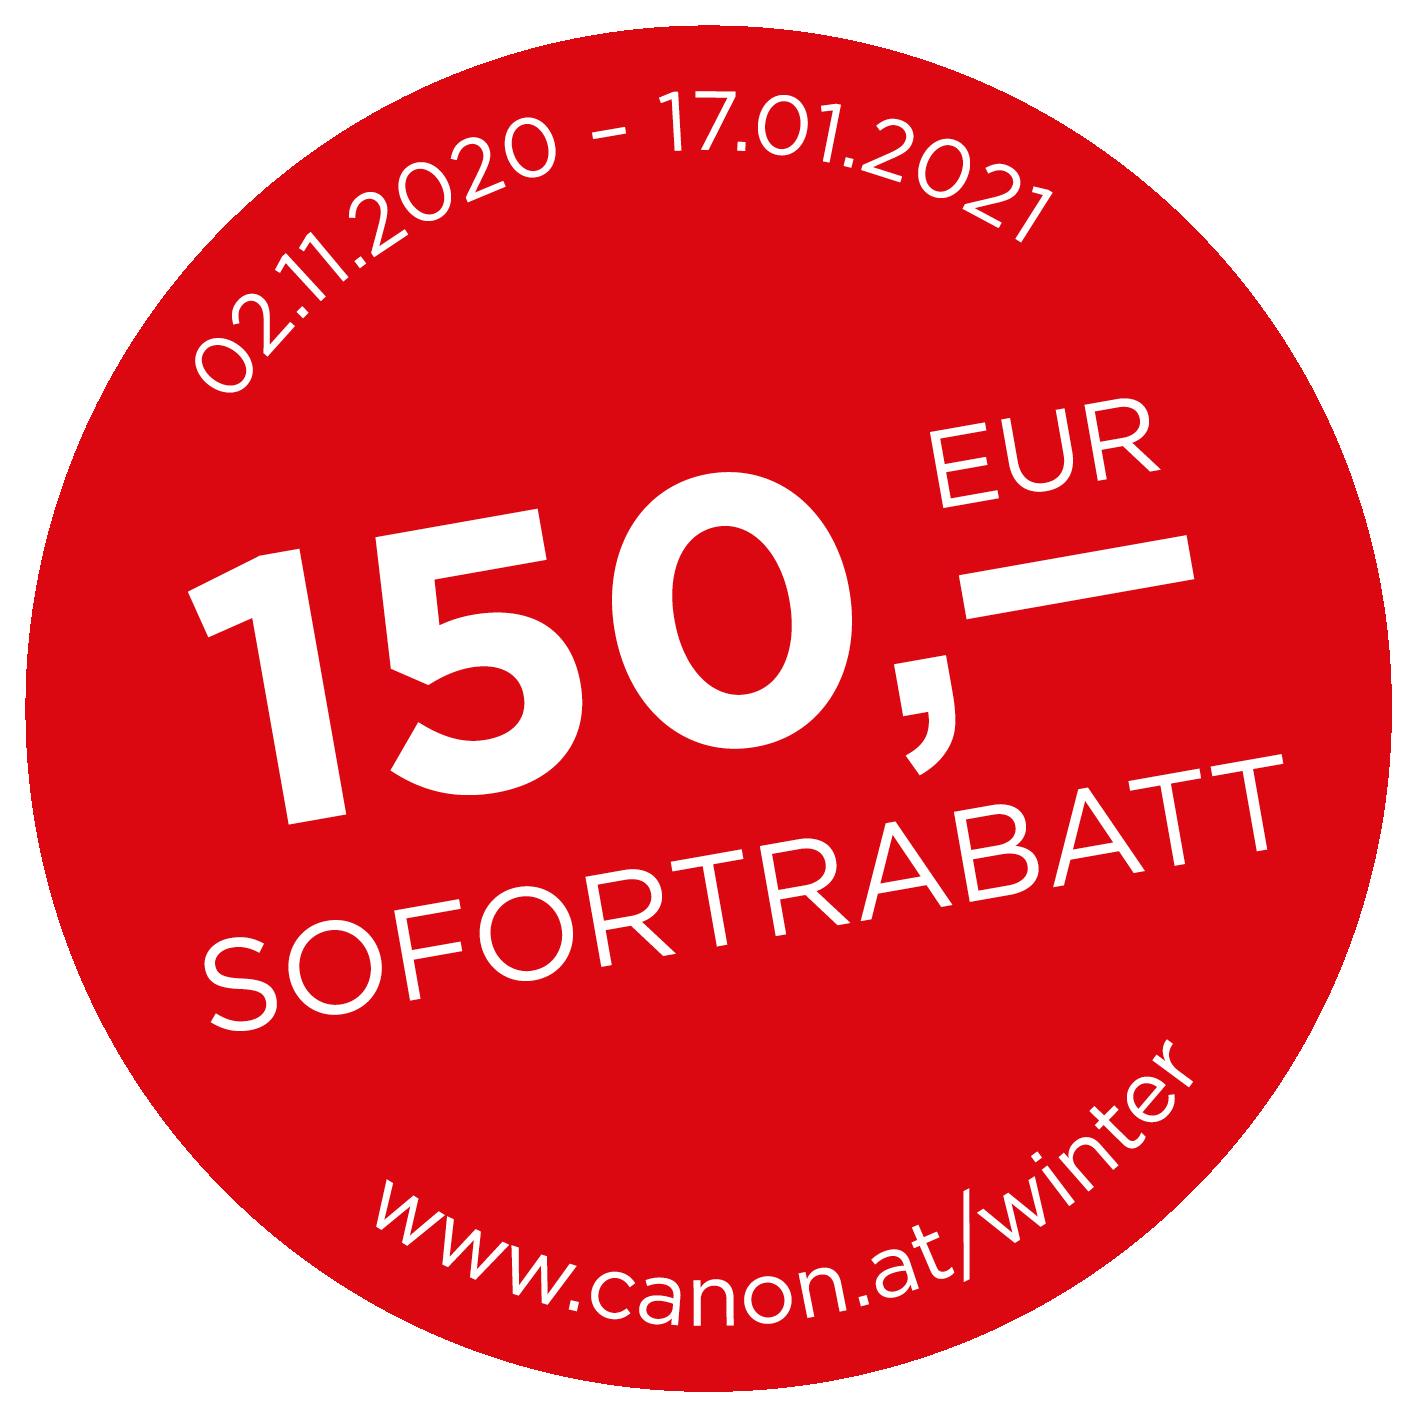 CANON_WINTER_150